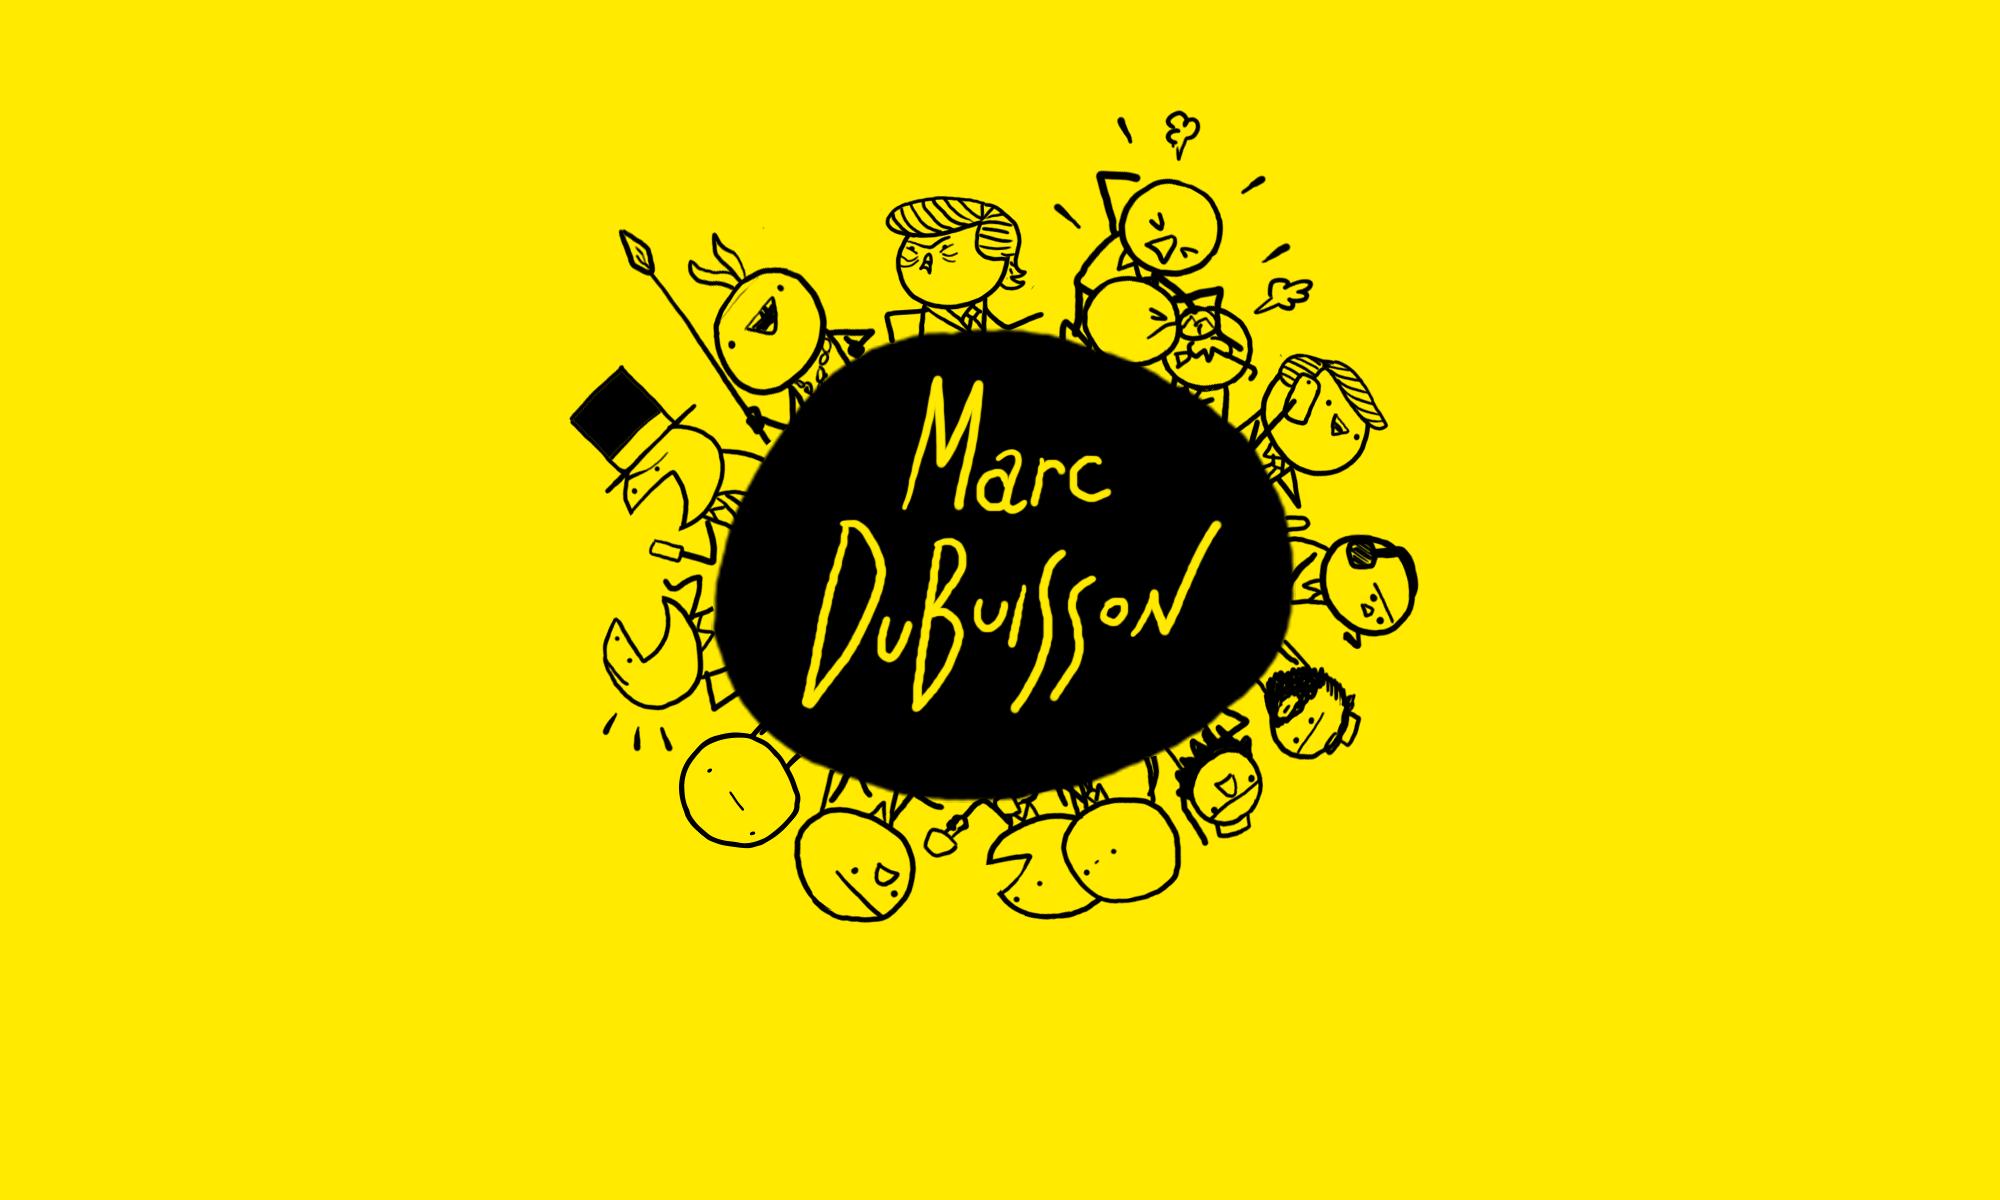 Marc Dubuisson